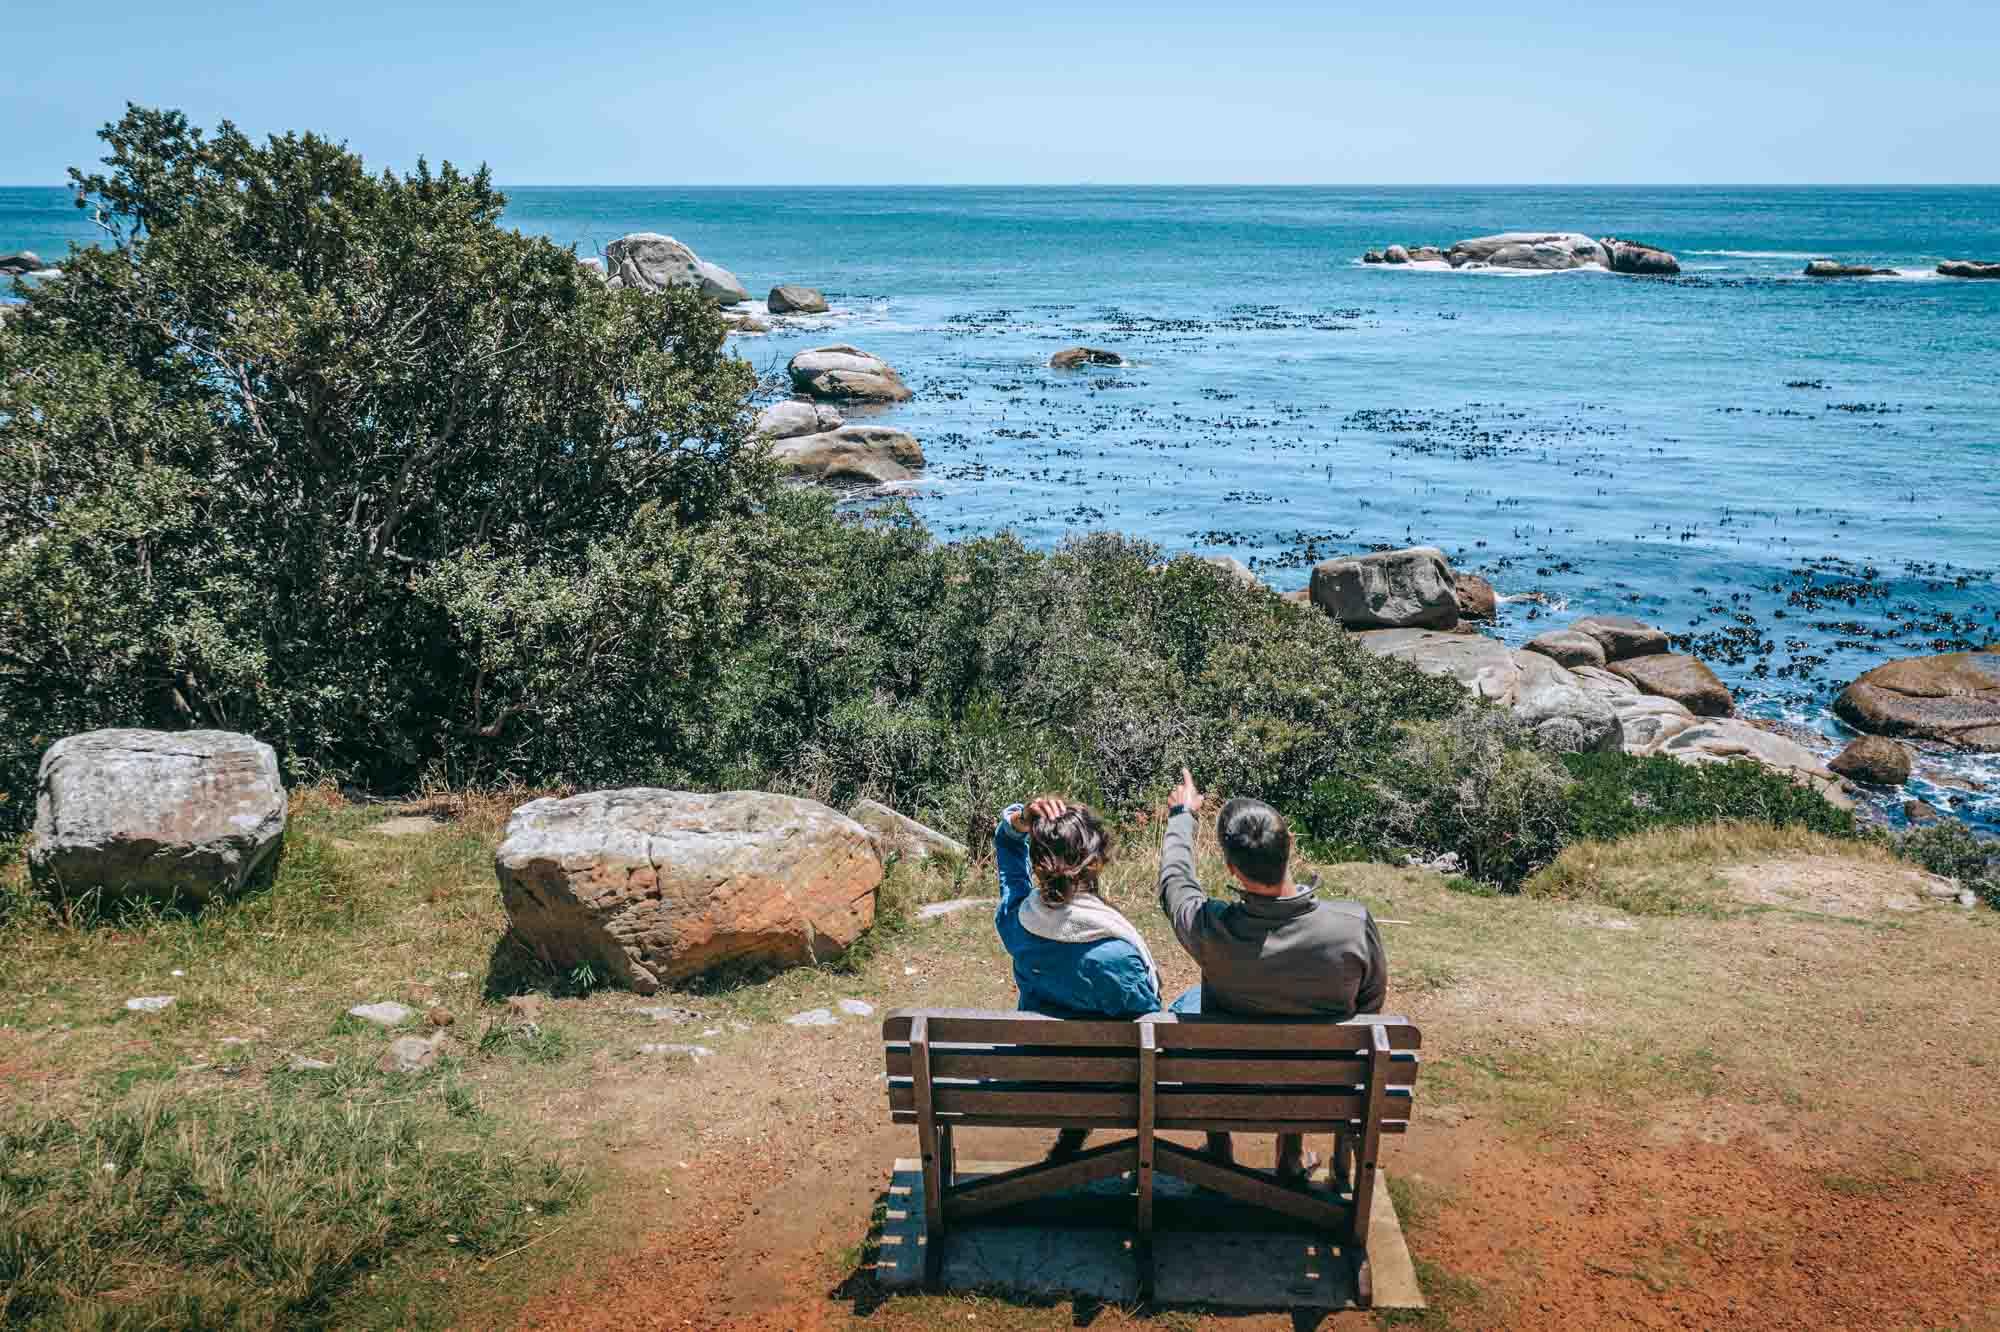 Chapman's Drive, Cape Town en route to Cape of Good Hope